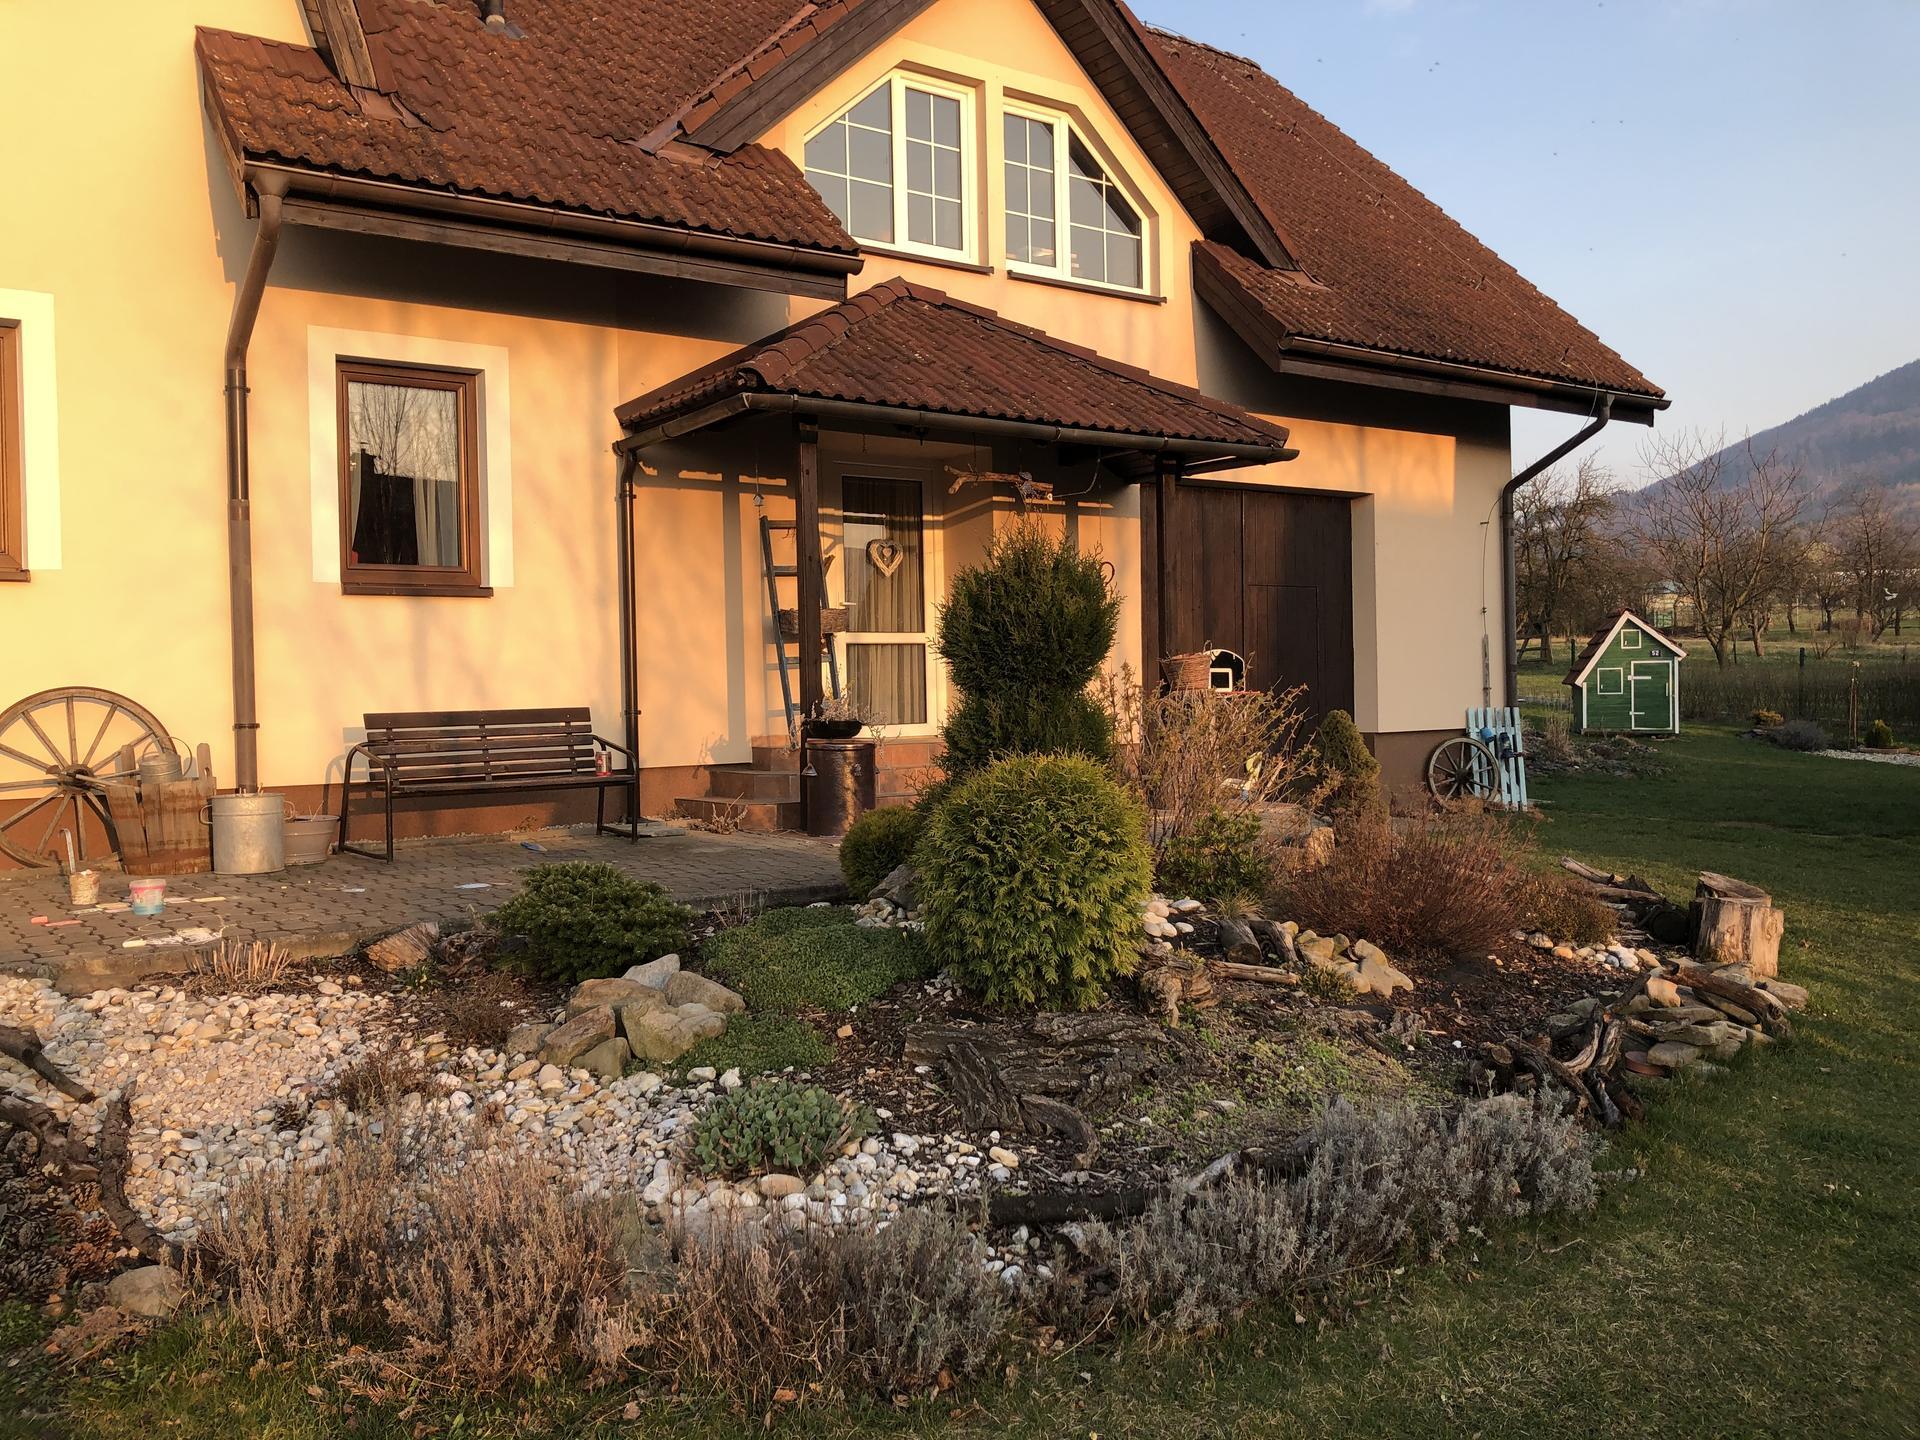 U nás doma a na zahradě 2020 - Obrázek č. 17